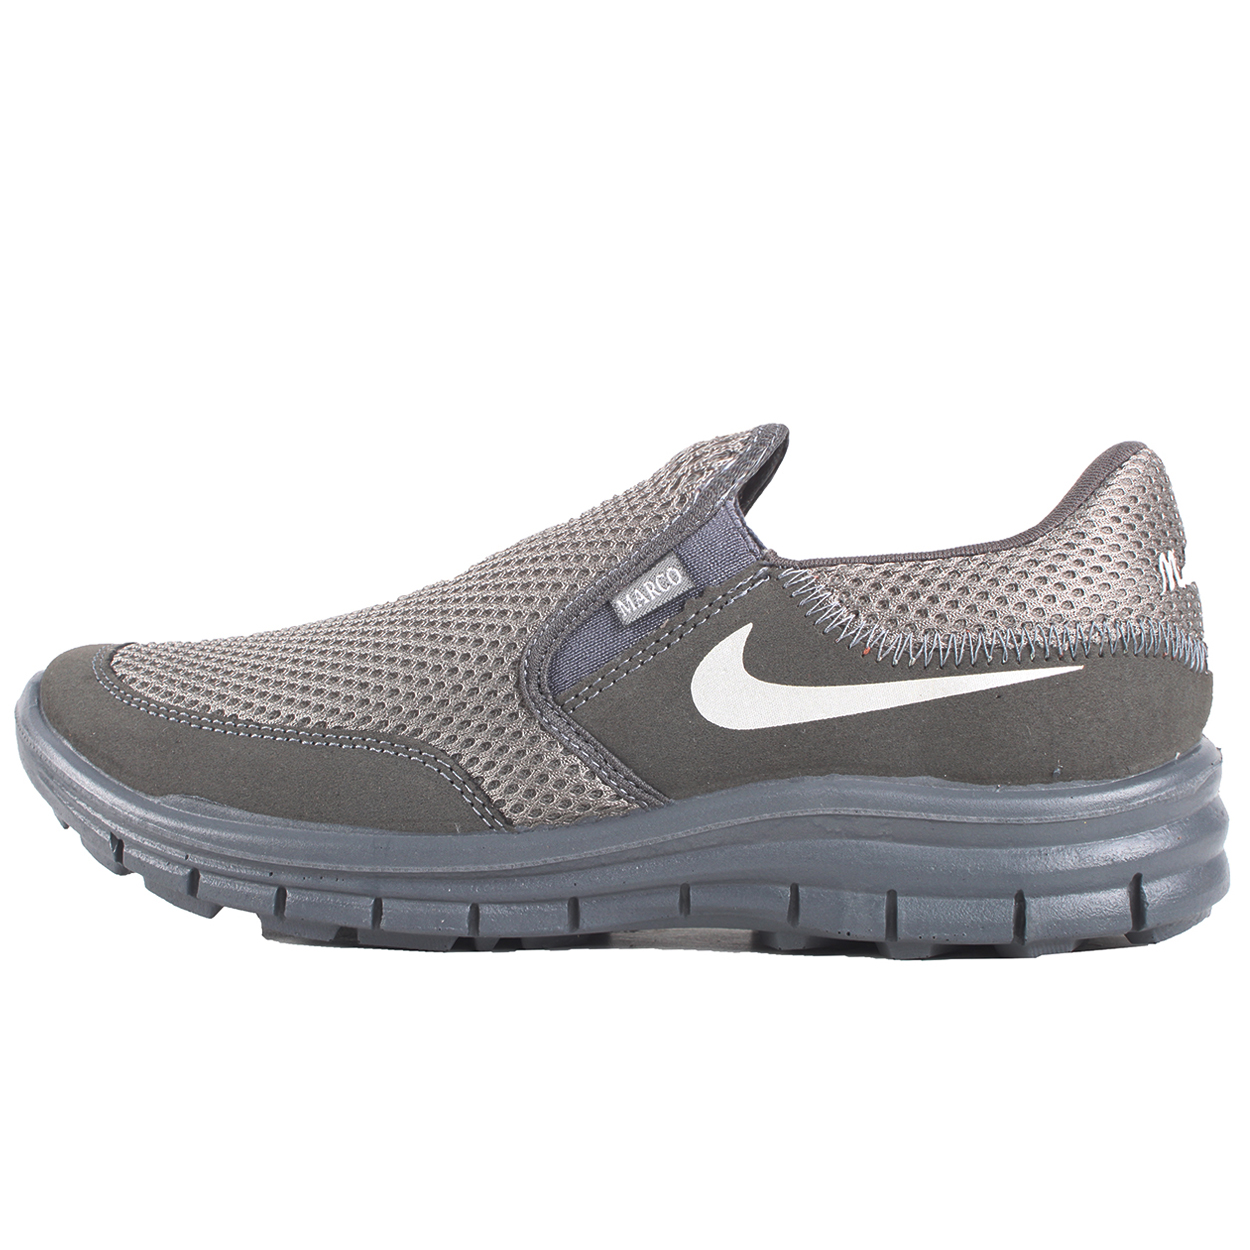 کفش مخصوص پیاده روی اندیشه مدل مارکو کد 1403 رنگ طوسی